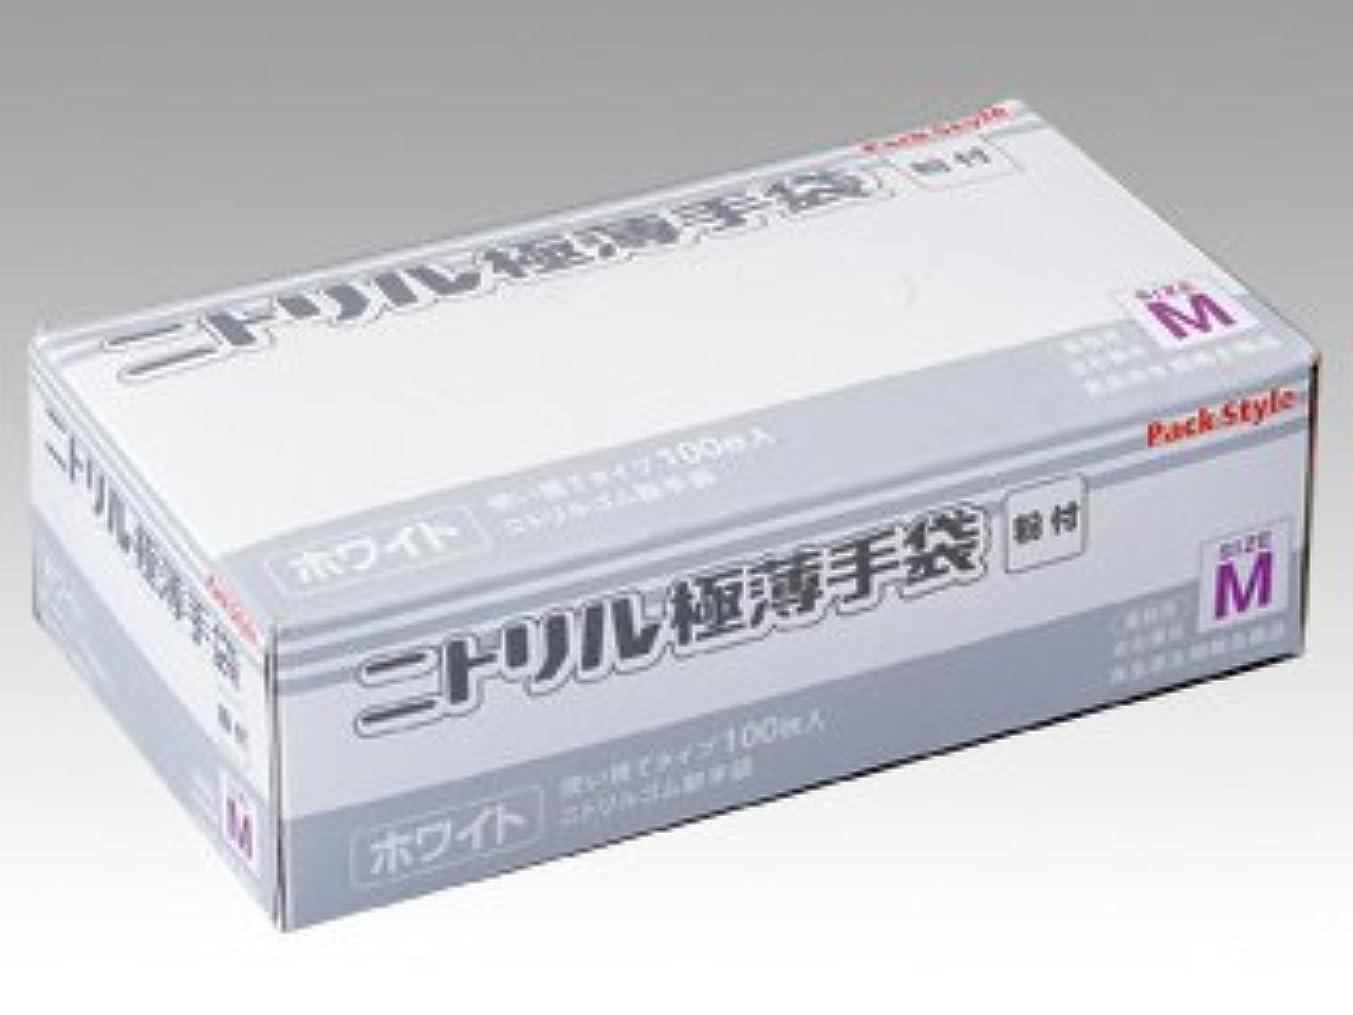 アノイ引き算【PackStyle】ニトリル手袋 粉付 白 M